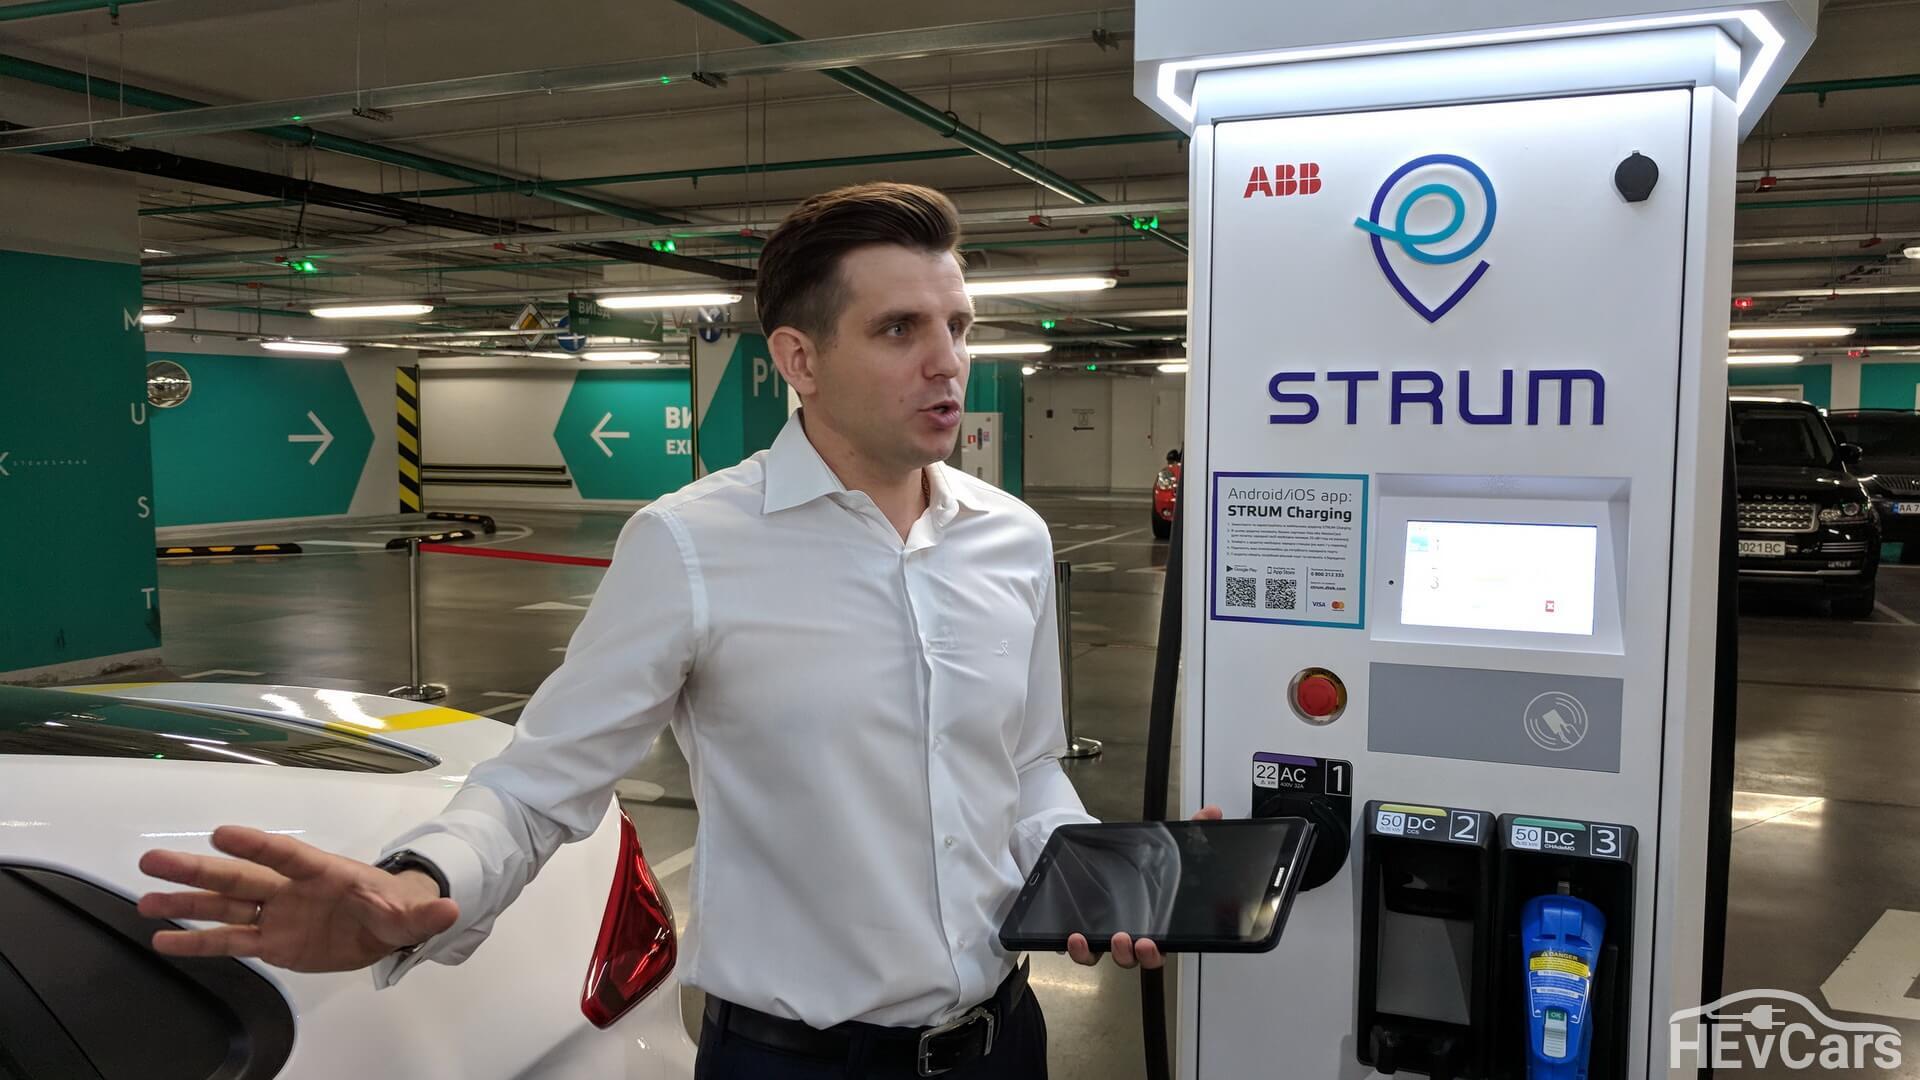 Игорь Ковалев на примере демонстрирует работу электрической станции STRUM